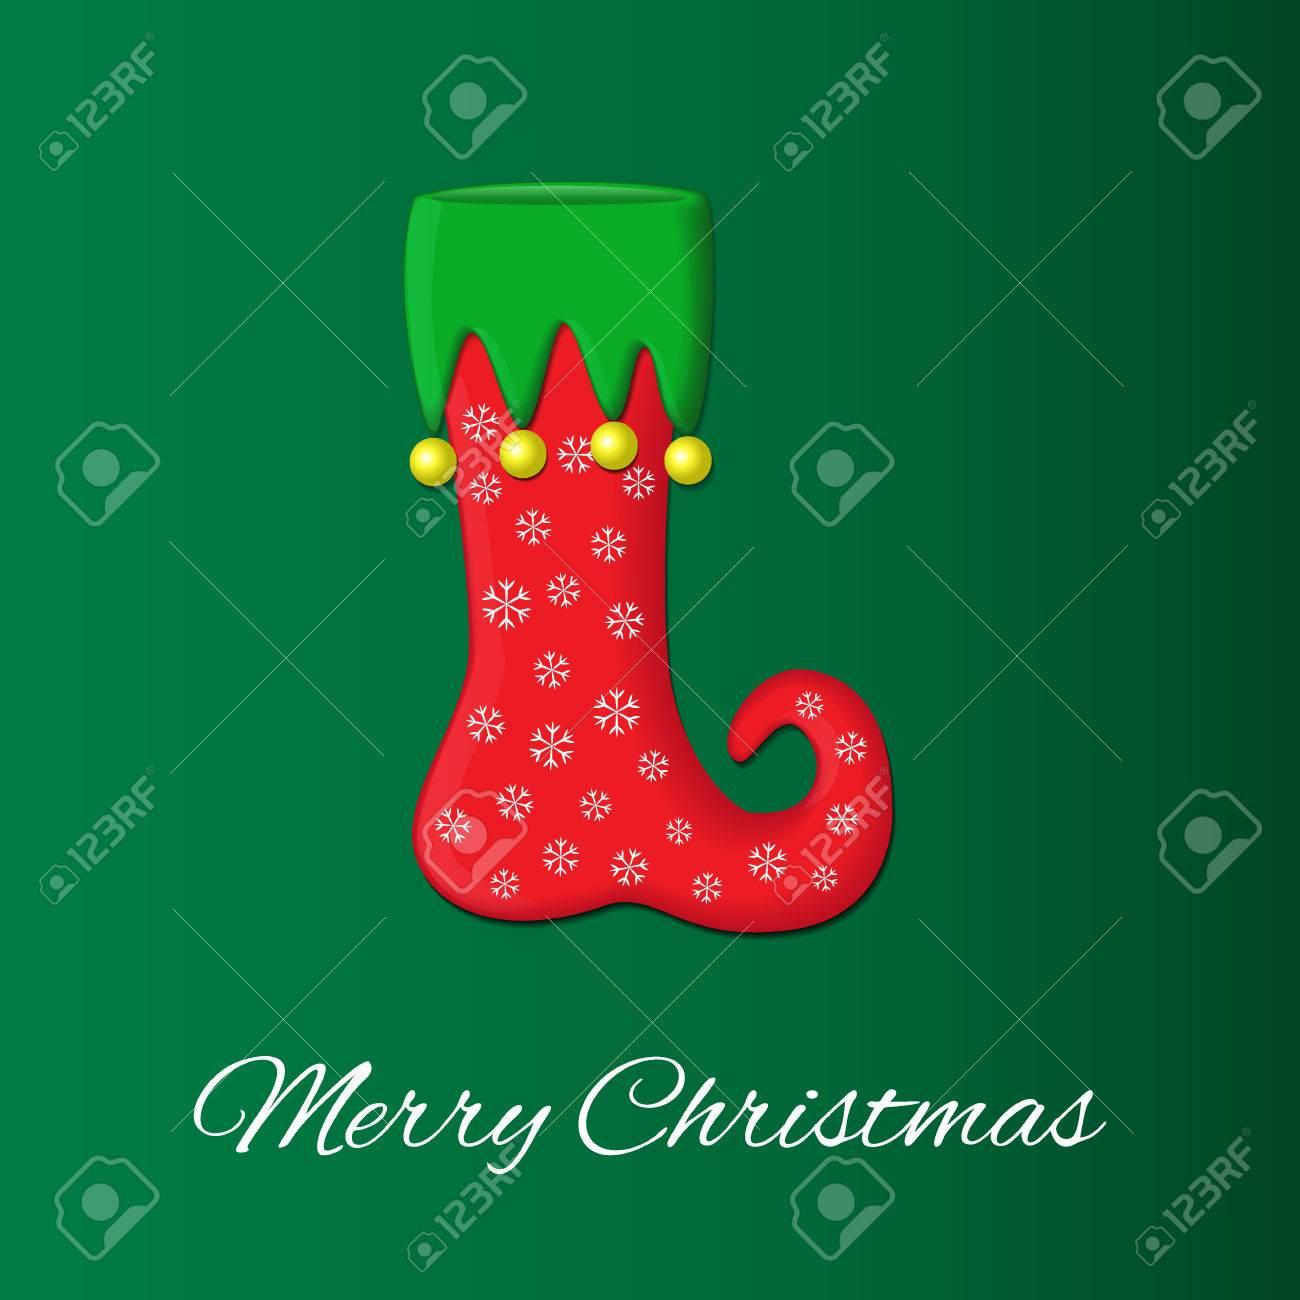 Tarjeta De Felicitacion De Navidad O Ano Nuevo S En Colores Verdes Y